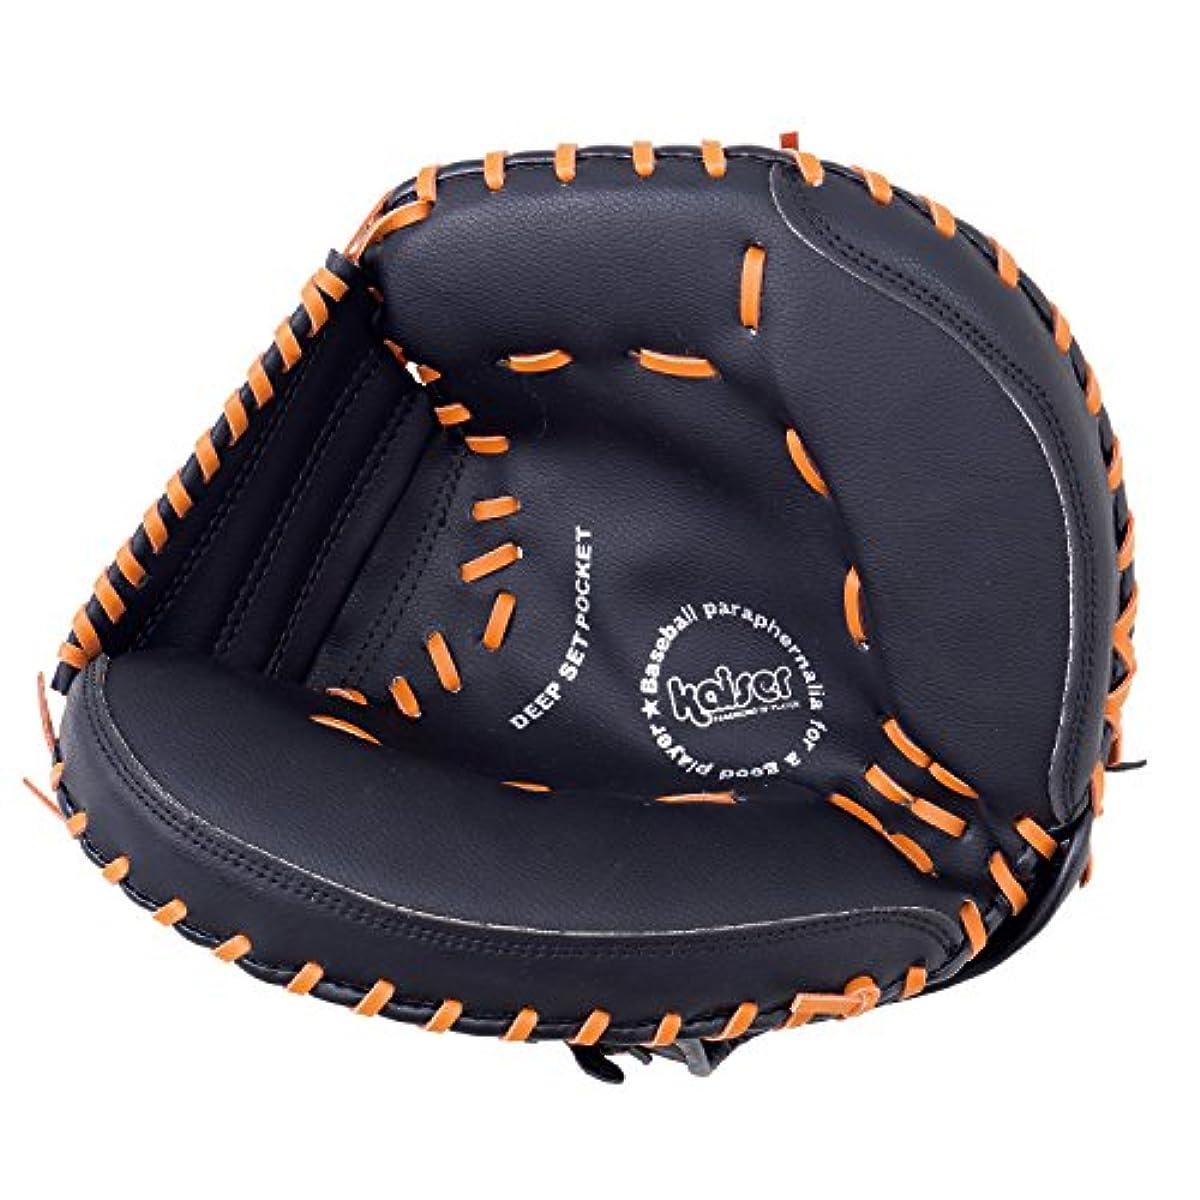 [해외] KAISERkaiser 연식 캐쳐 미트 KW-340 야구 연습용 일반용